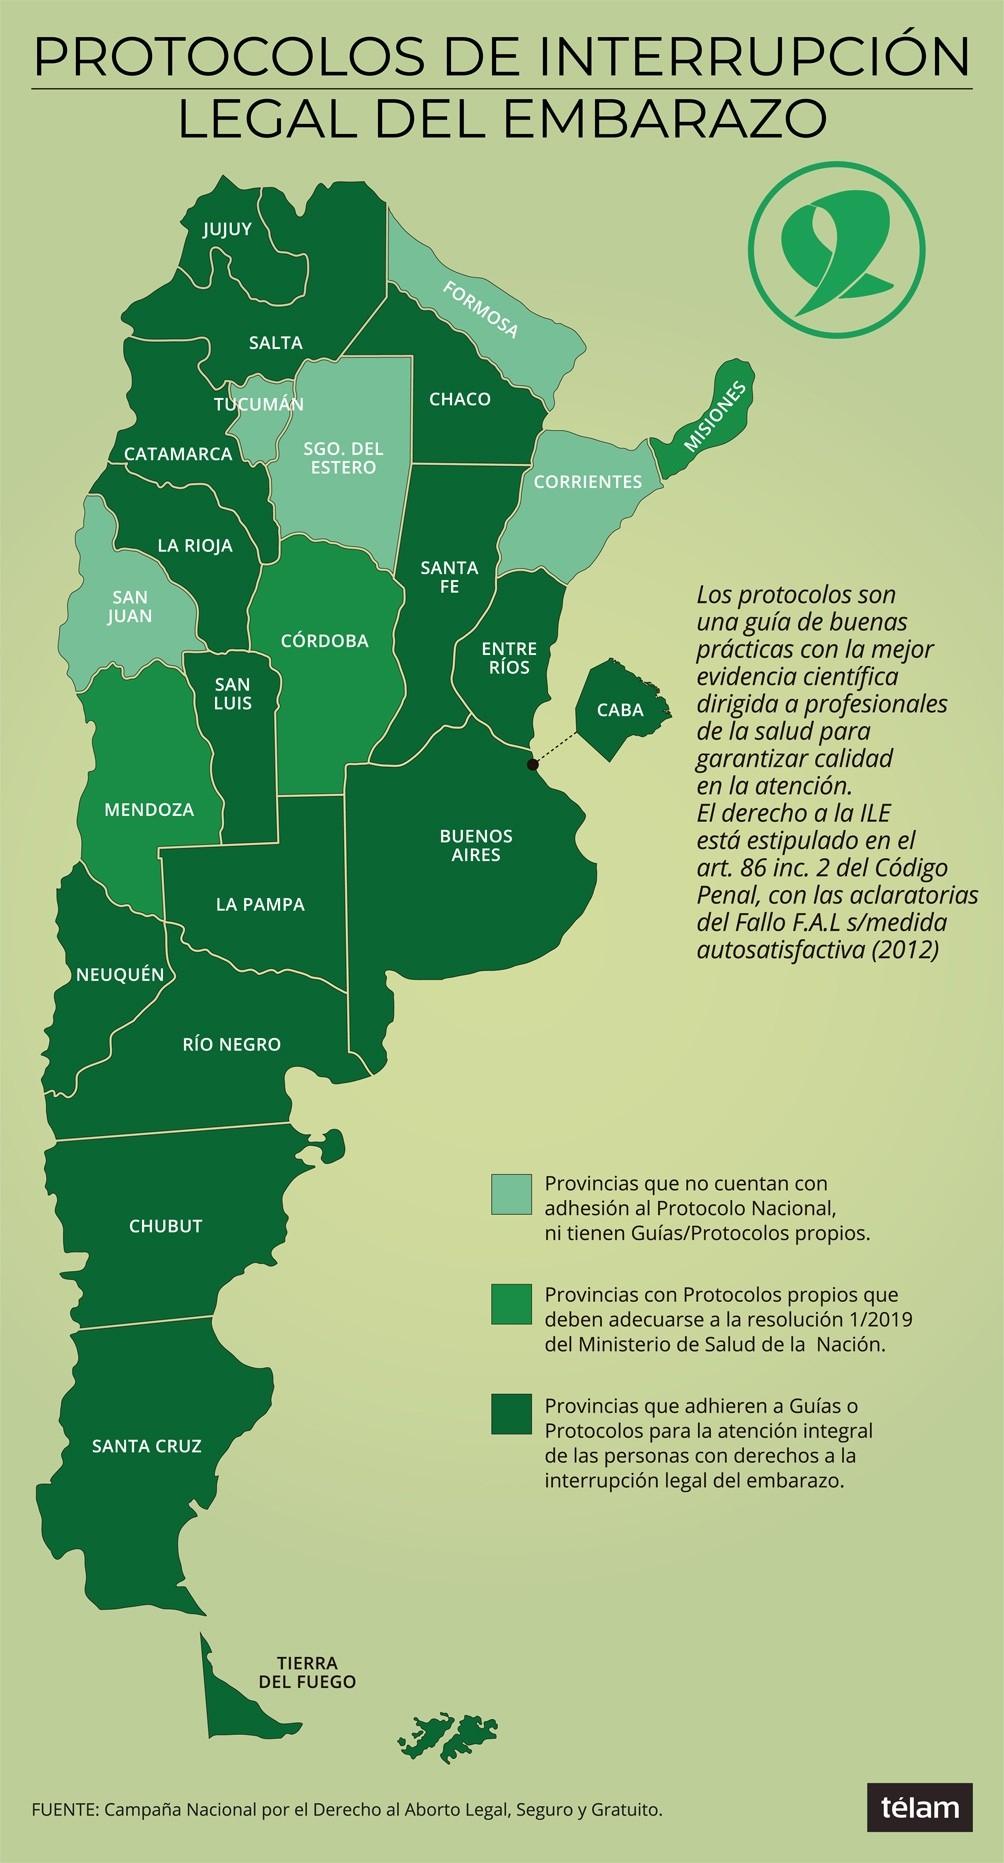 CINCO PROVINCIAS NO CUENTAN CON PROTOCOLO PARA GARANTIZAR ABORTOS NO PUNIBLES